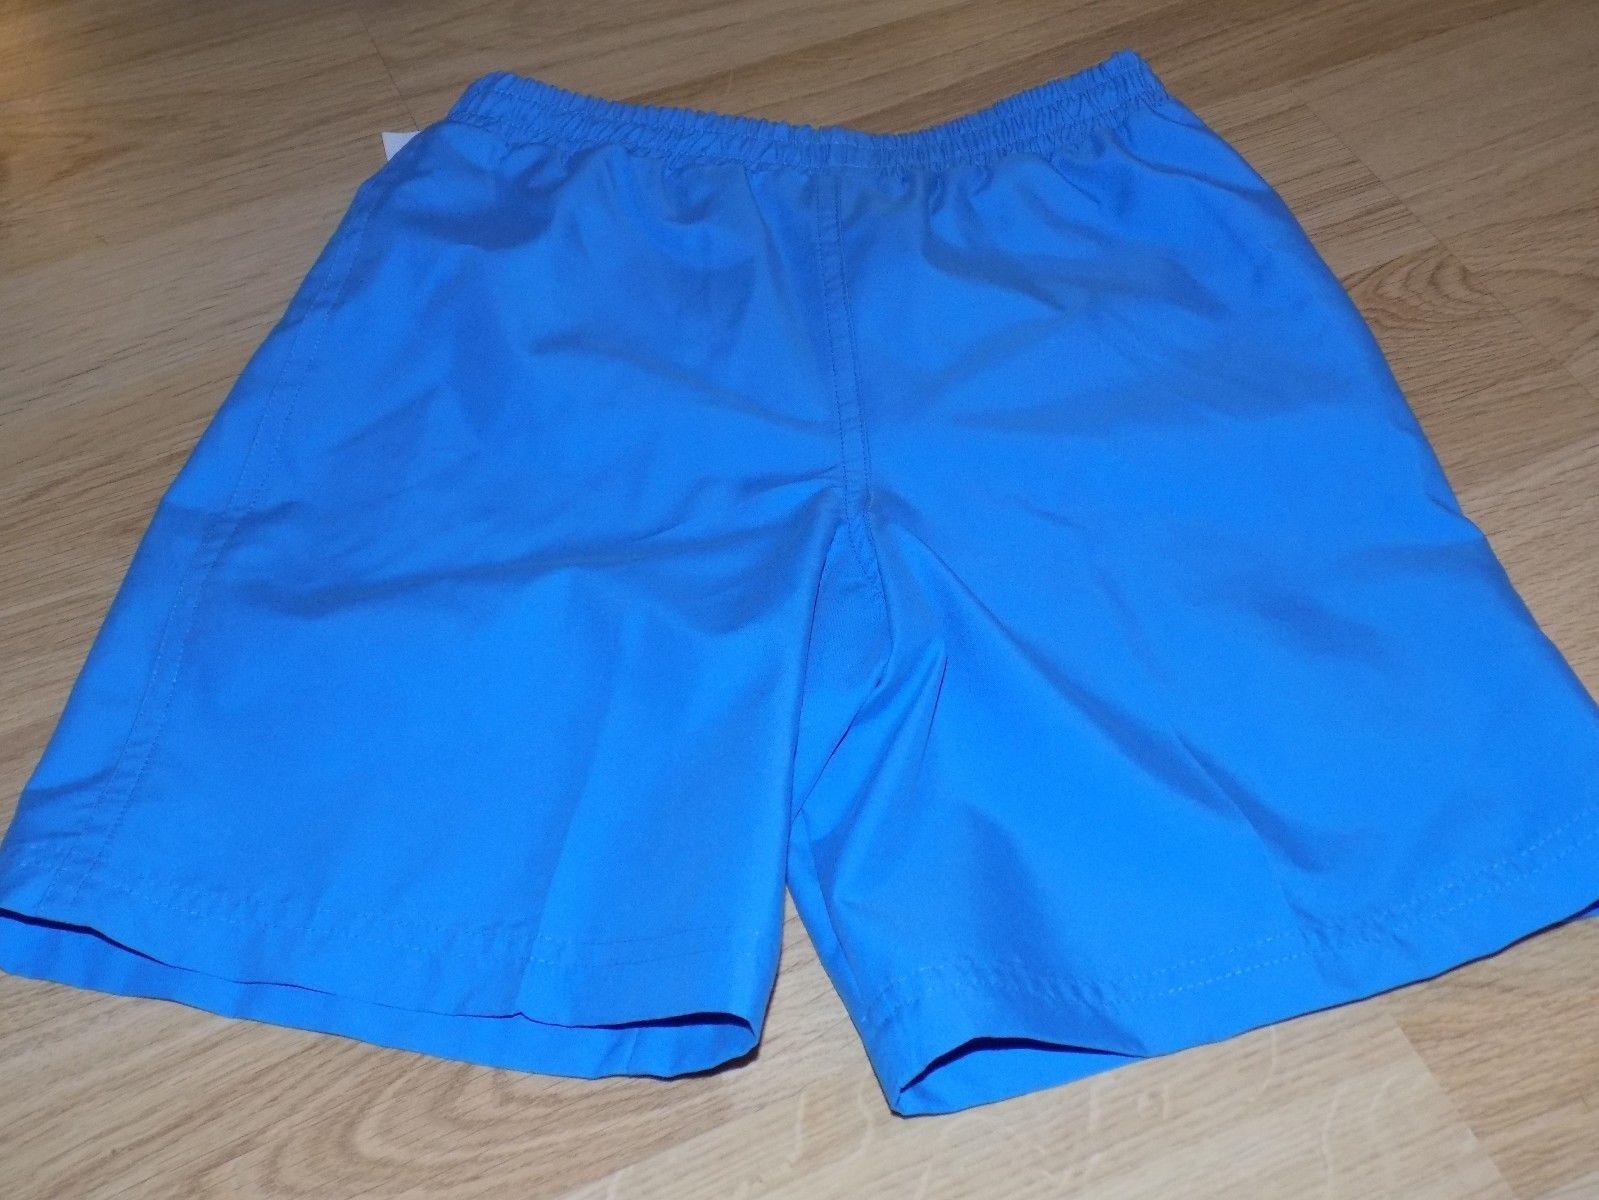 6d990be5b7 Size Medium 5-6 Reebok NFL Tennessee Titans Blue Swim Trunks Board Shorts  New